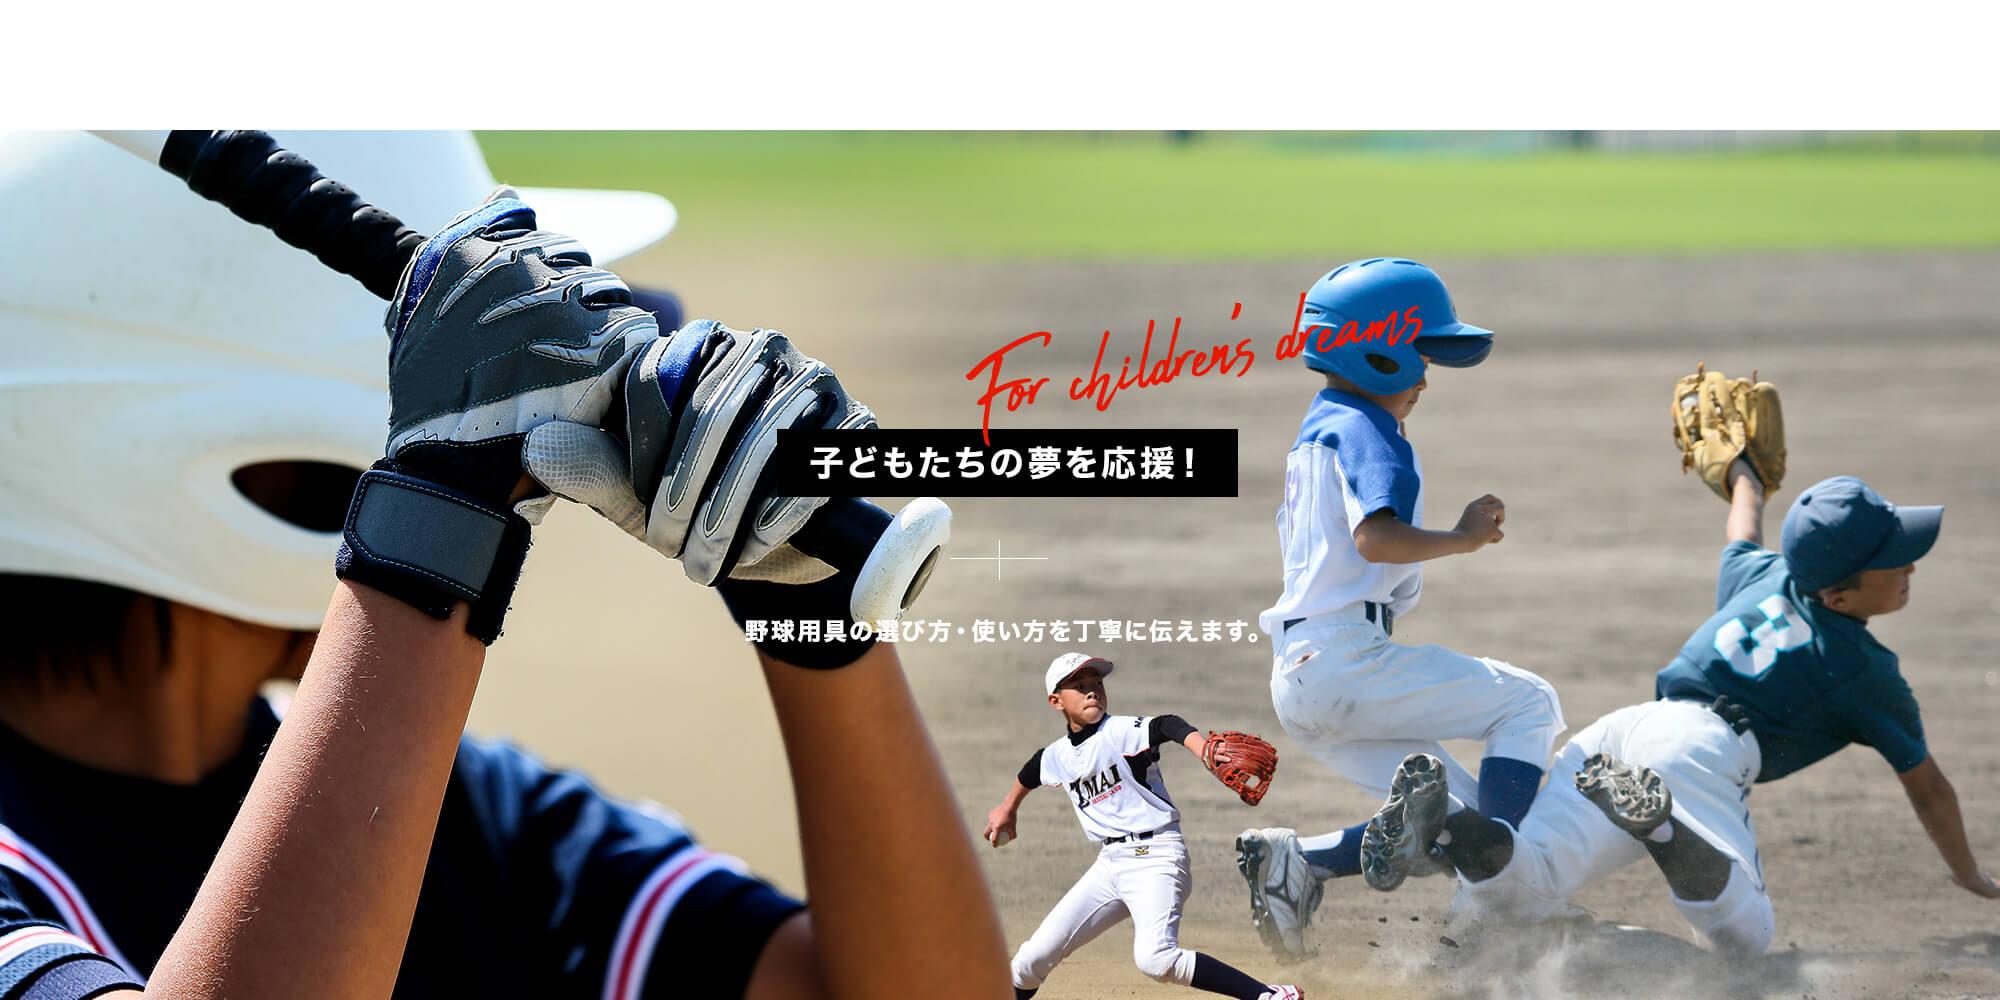 子どもたちの夢を応援!野球用具の選び方・使い方を丁寧に伝えます。